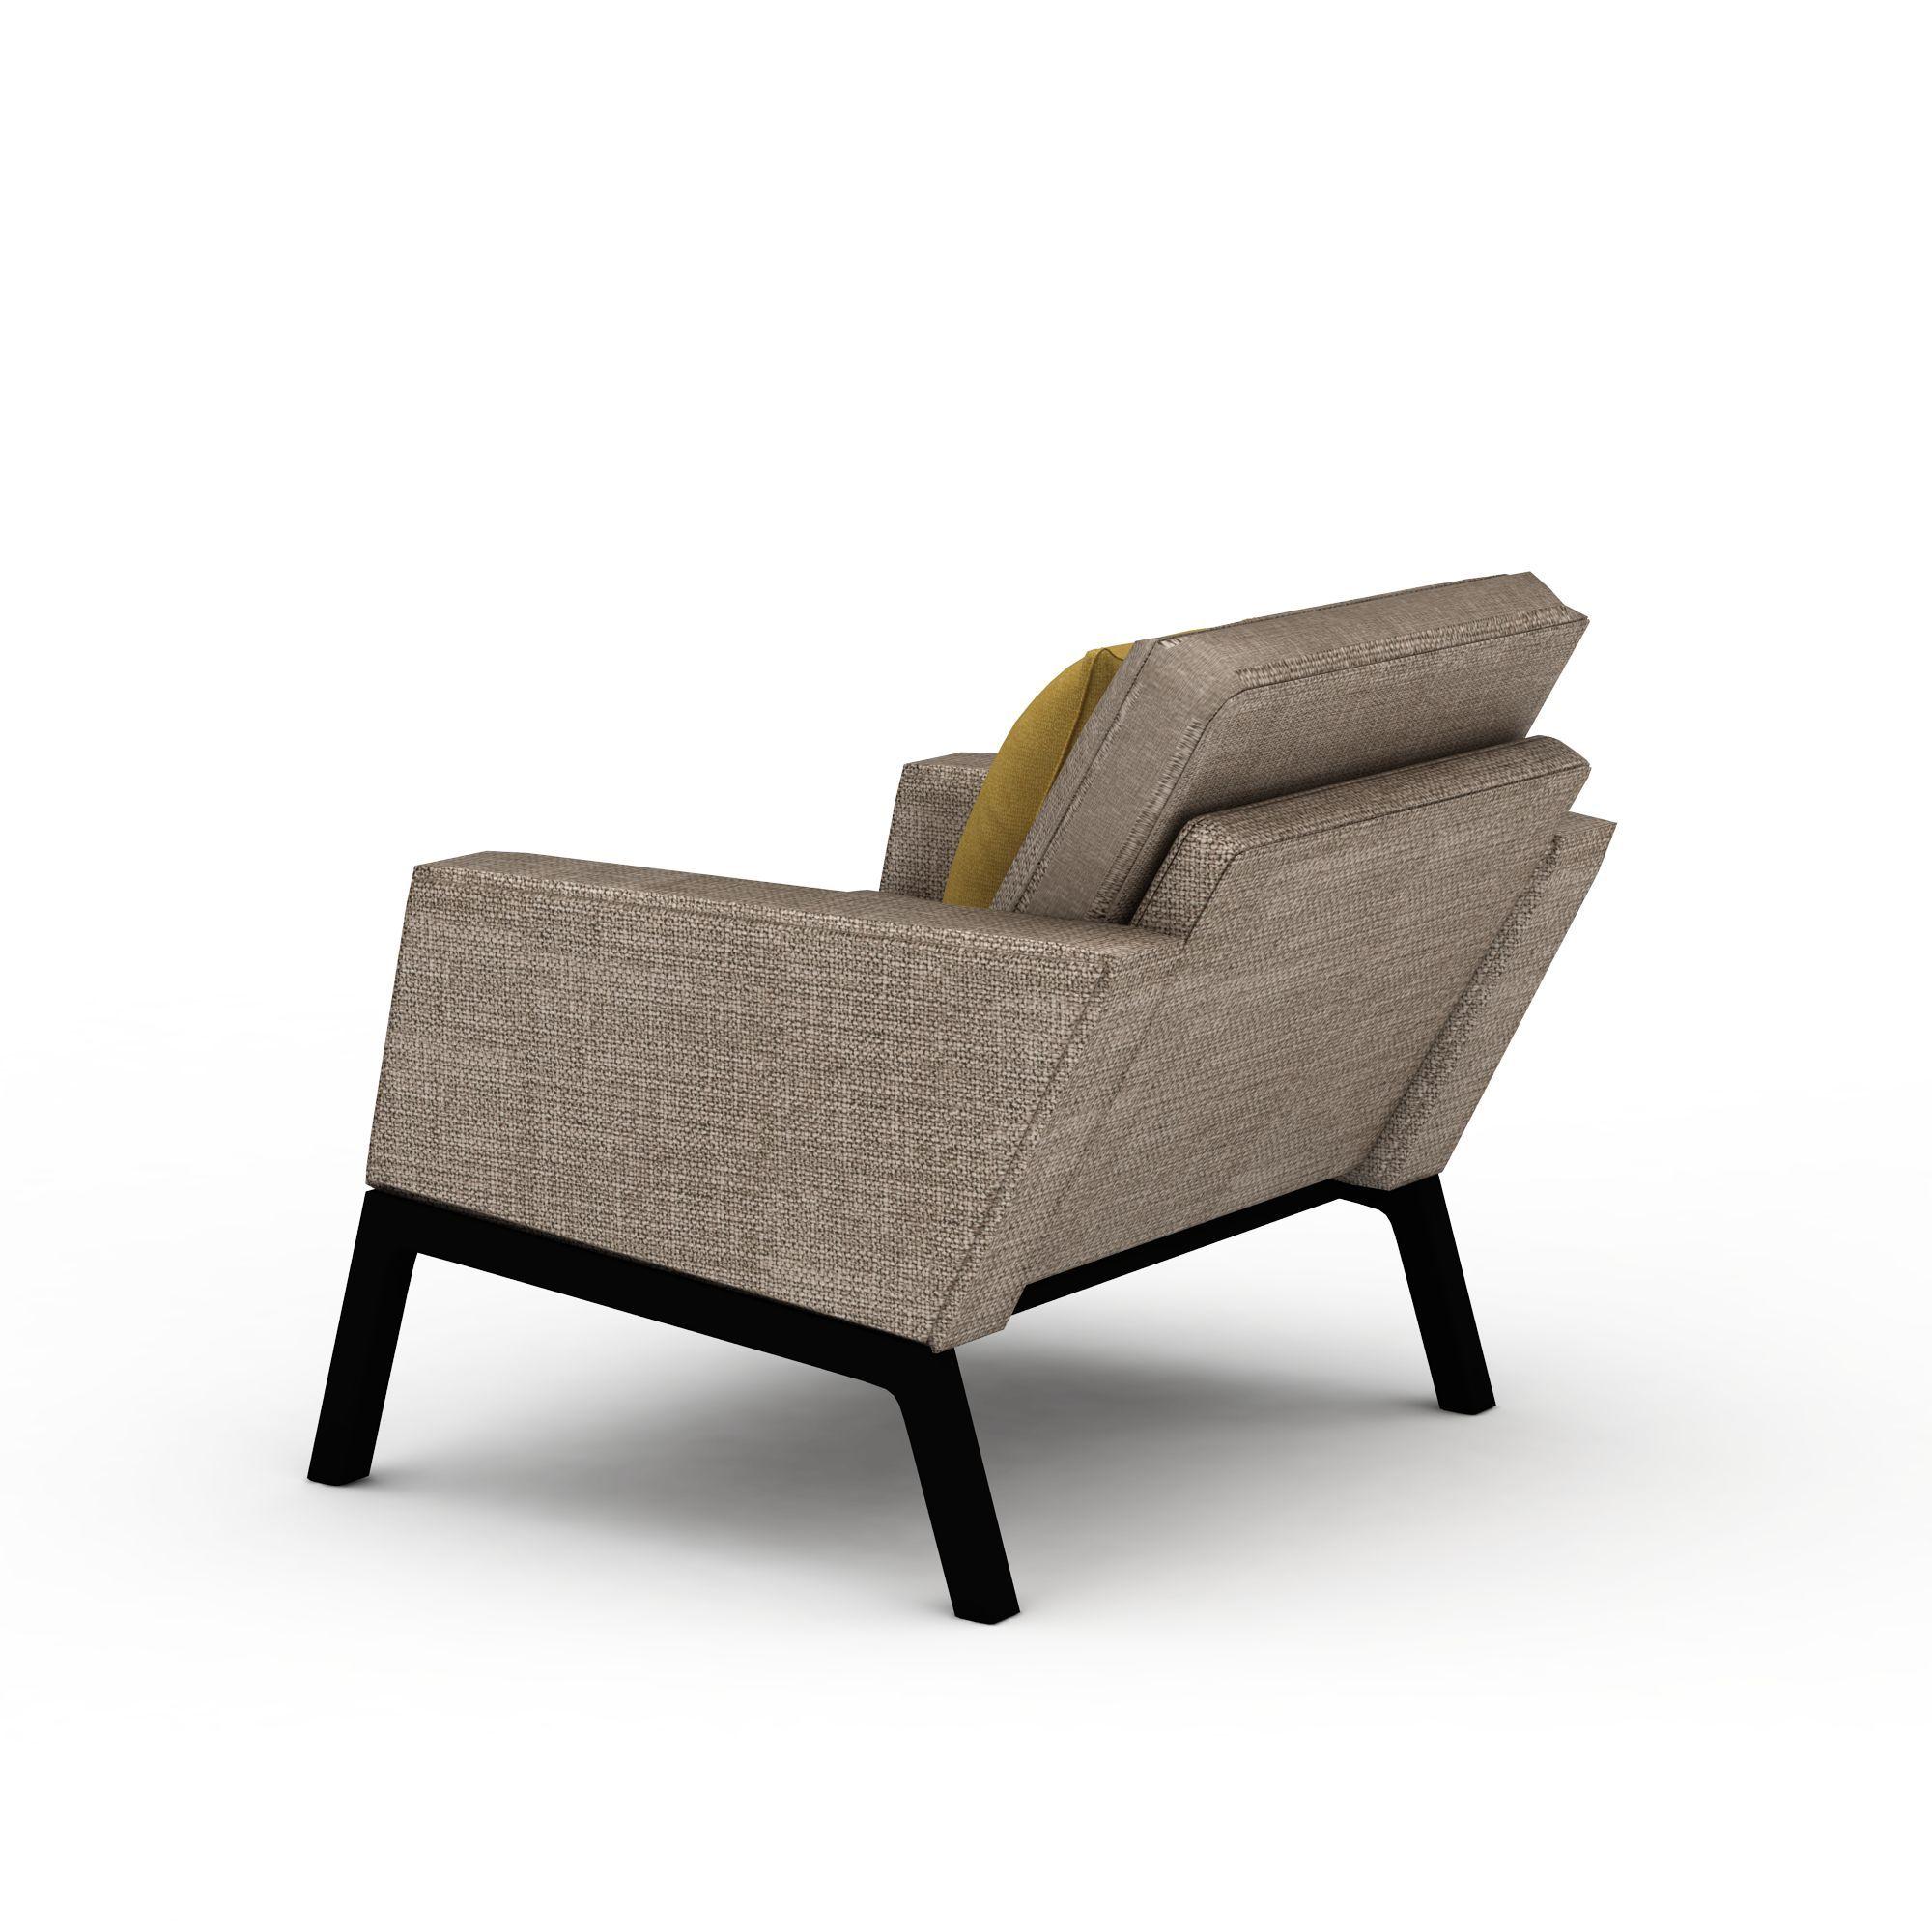 新中式沙发椅高清图下载图片